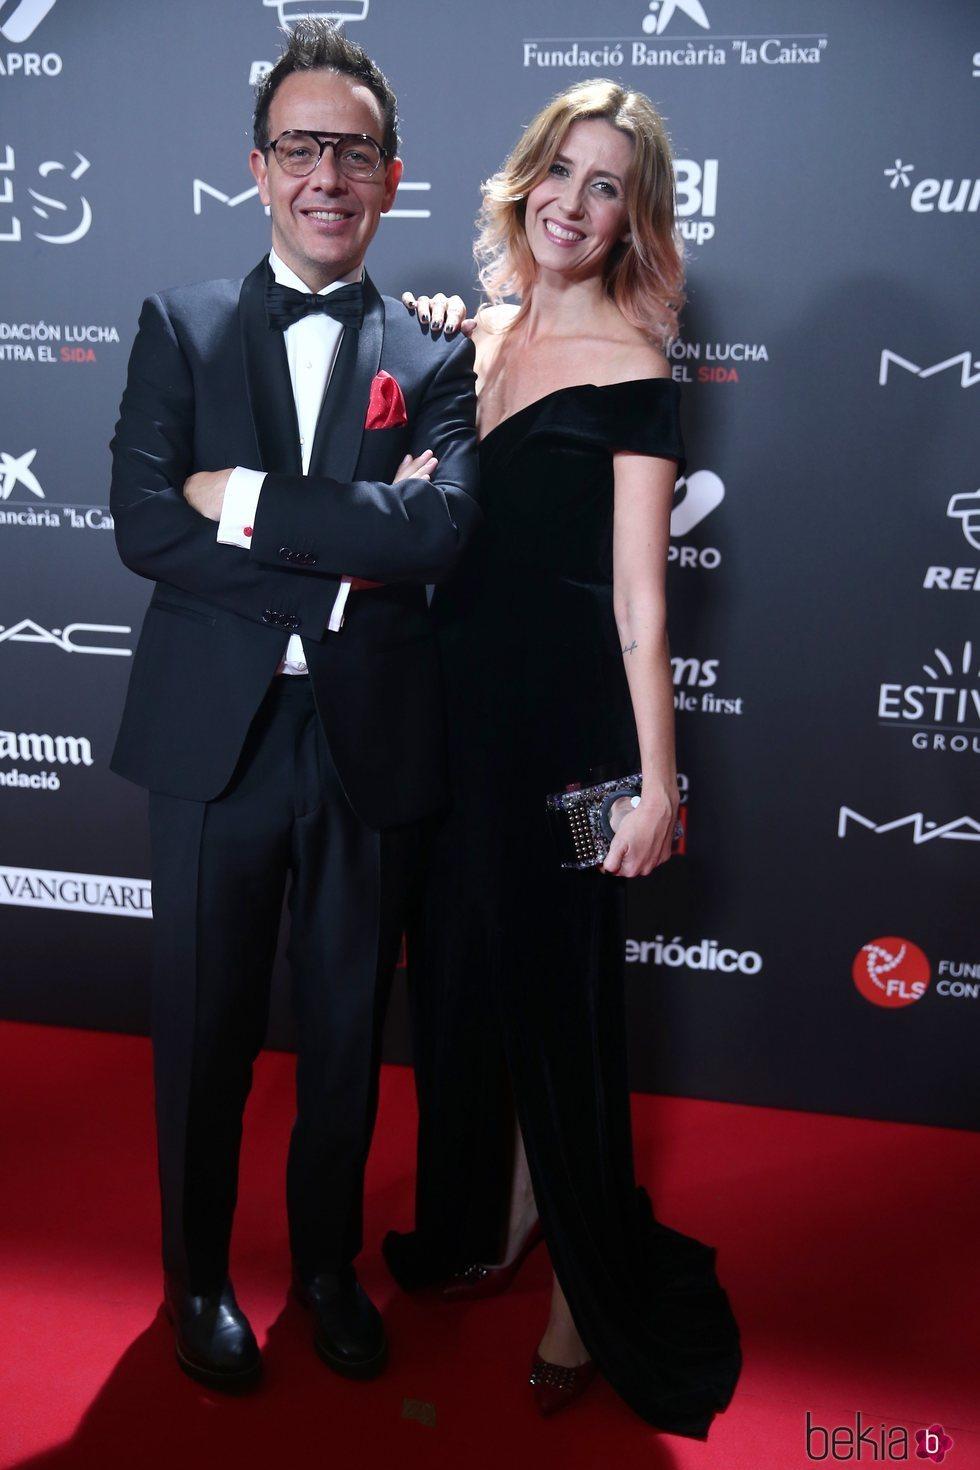 Ángel Llàcer y Andrea Vilallonga en la gala 'People in red' 2018